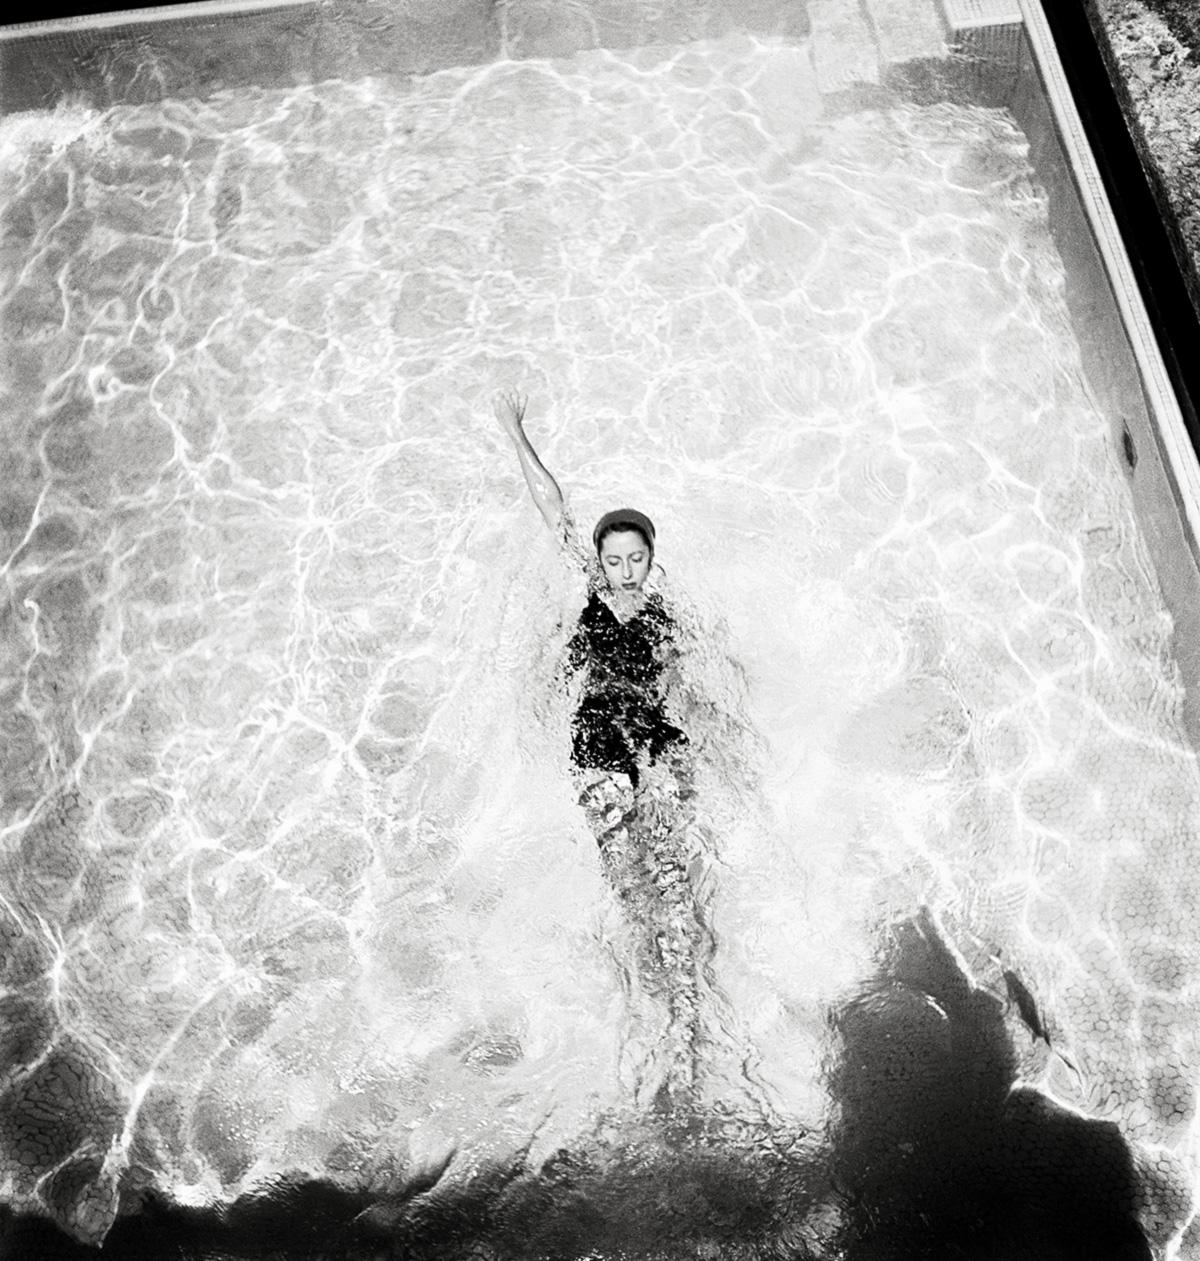 Todas as fotos neste ensaio foram feitas no Rio de Janeiro entre os anos 1945 e 1950